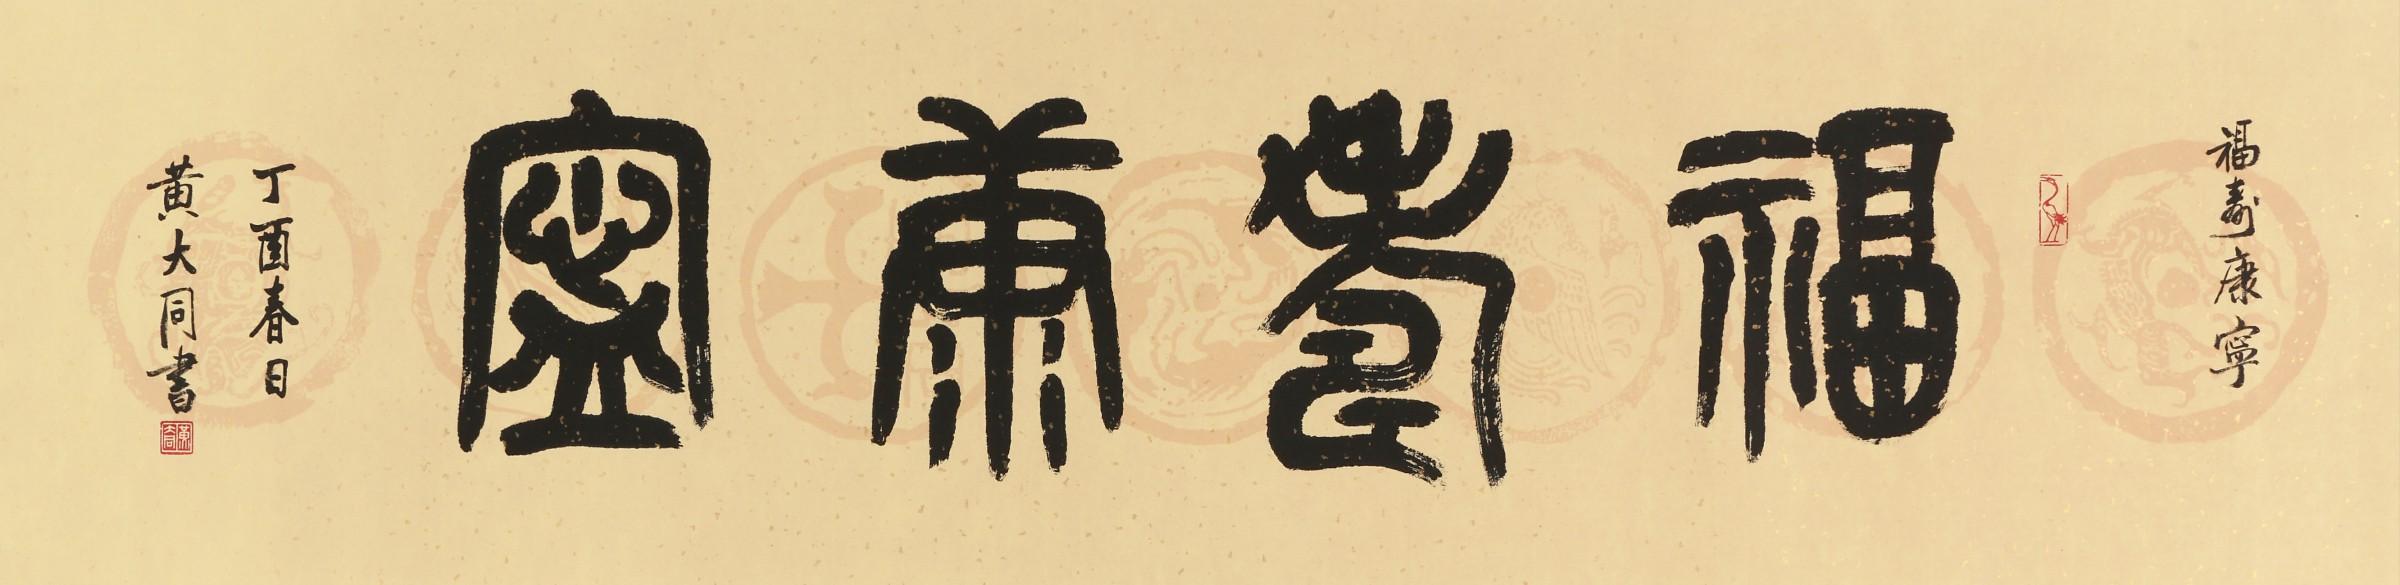 篆书横幅 福寿康宁